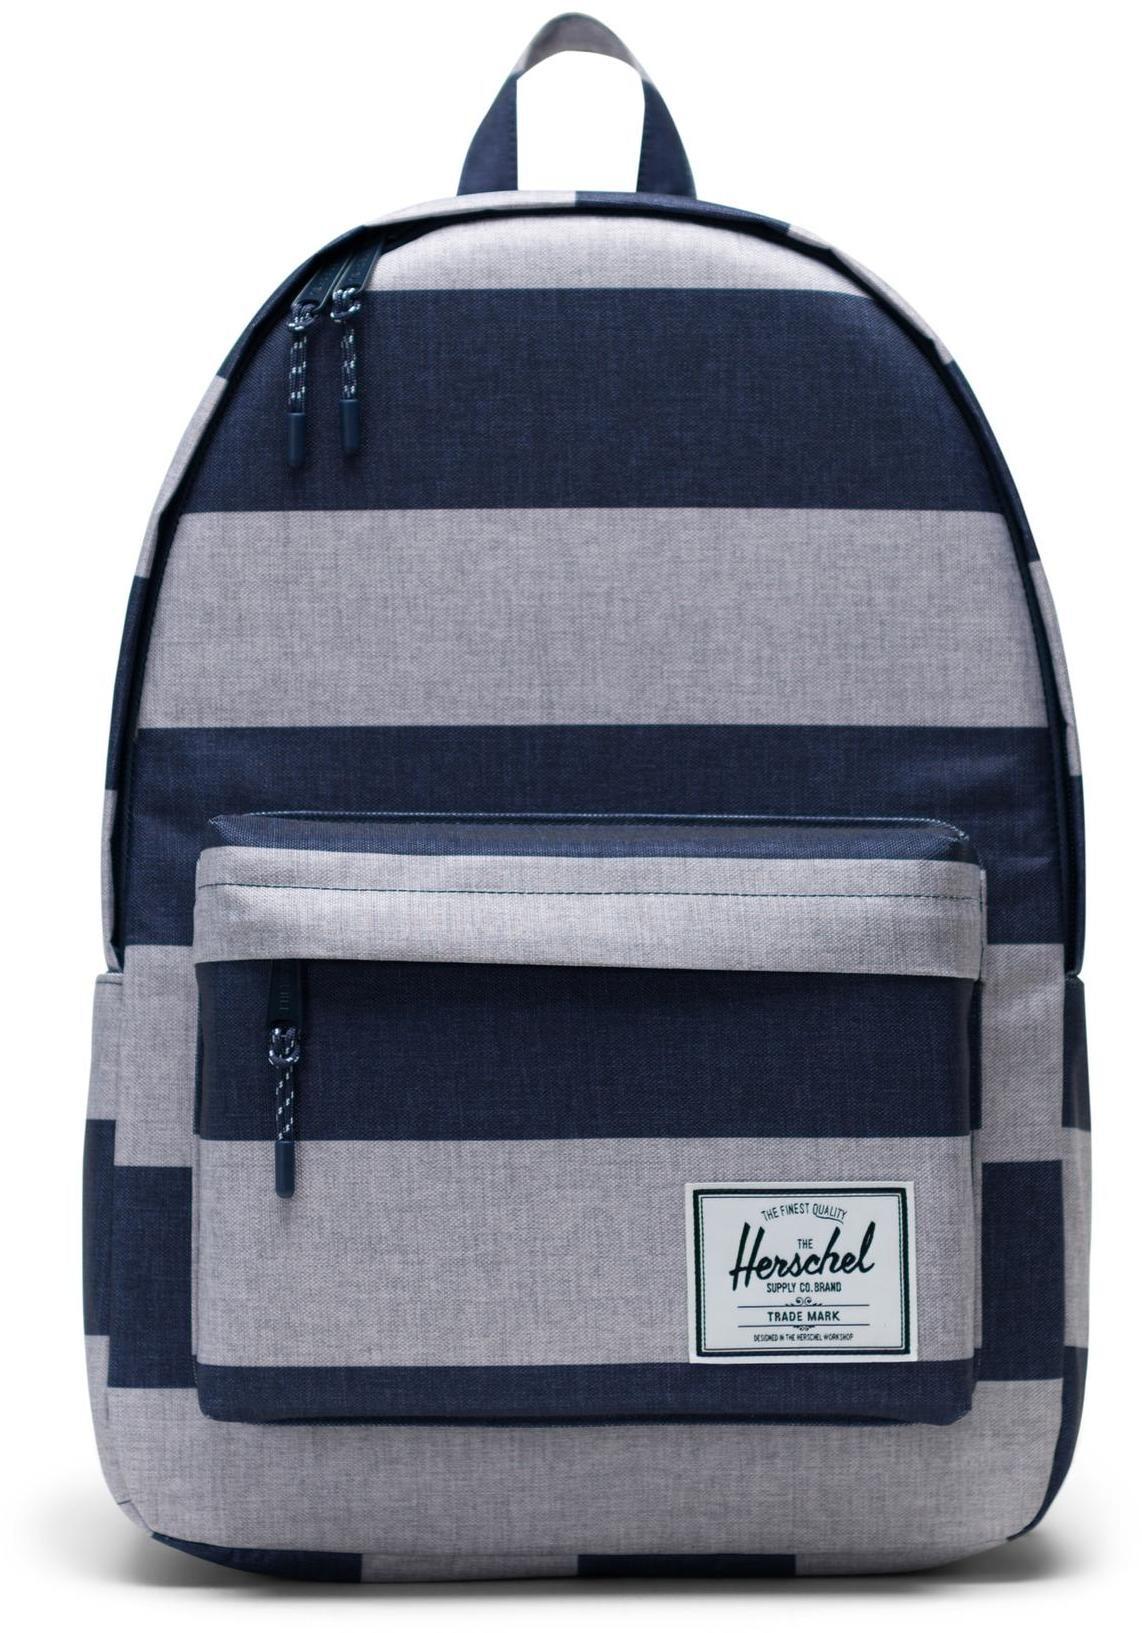 Herschel Classic X-Large Rygsæk, border stripe (2019)   Rygsæk og rejsetasker